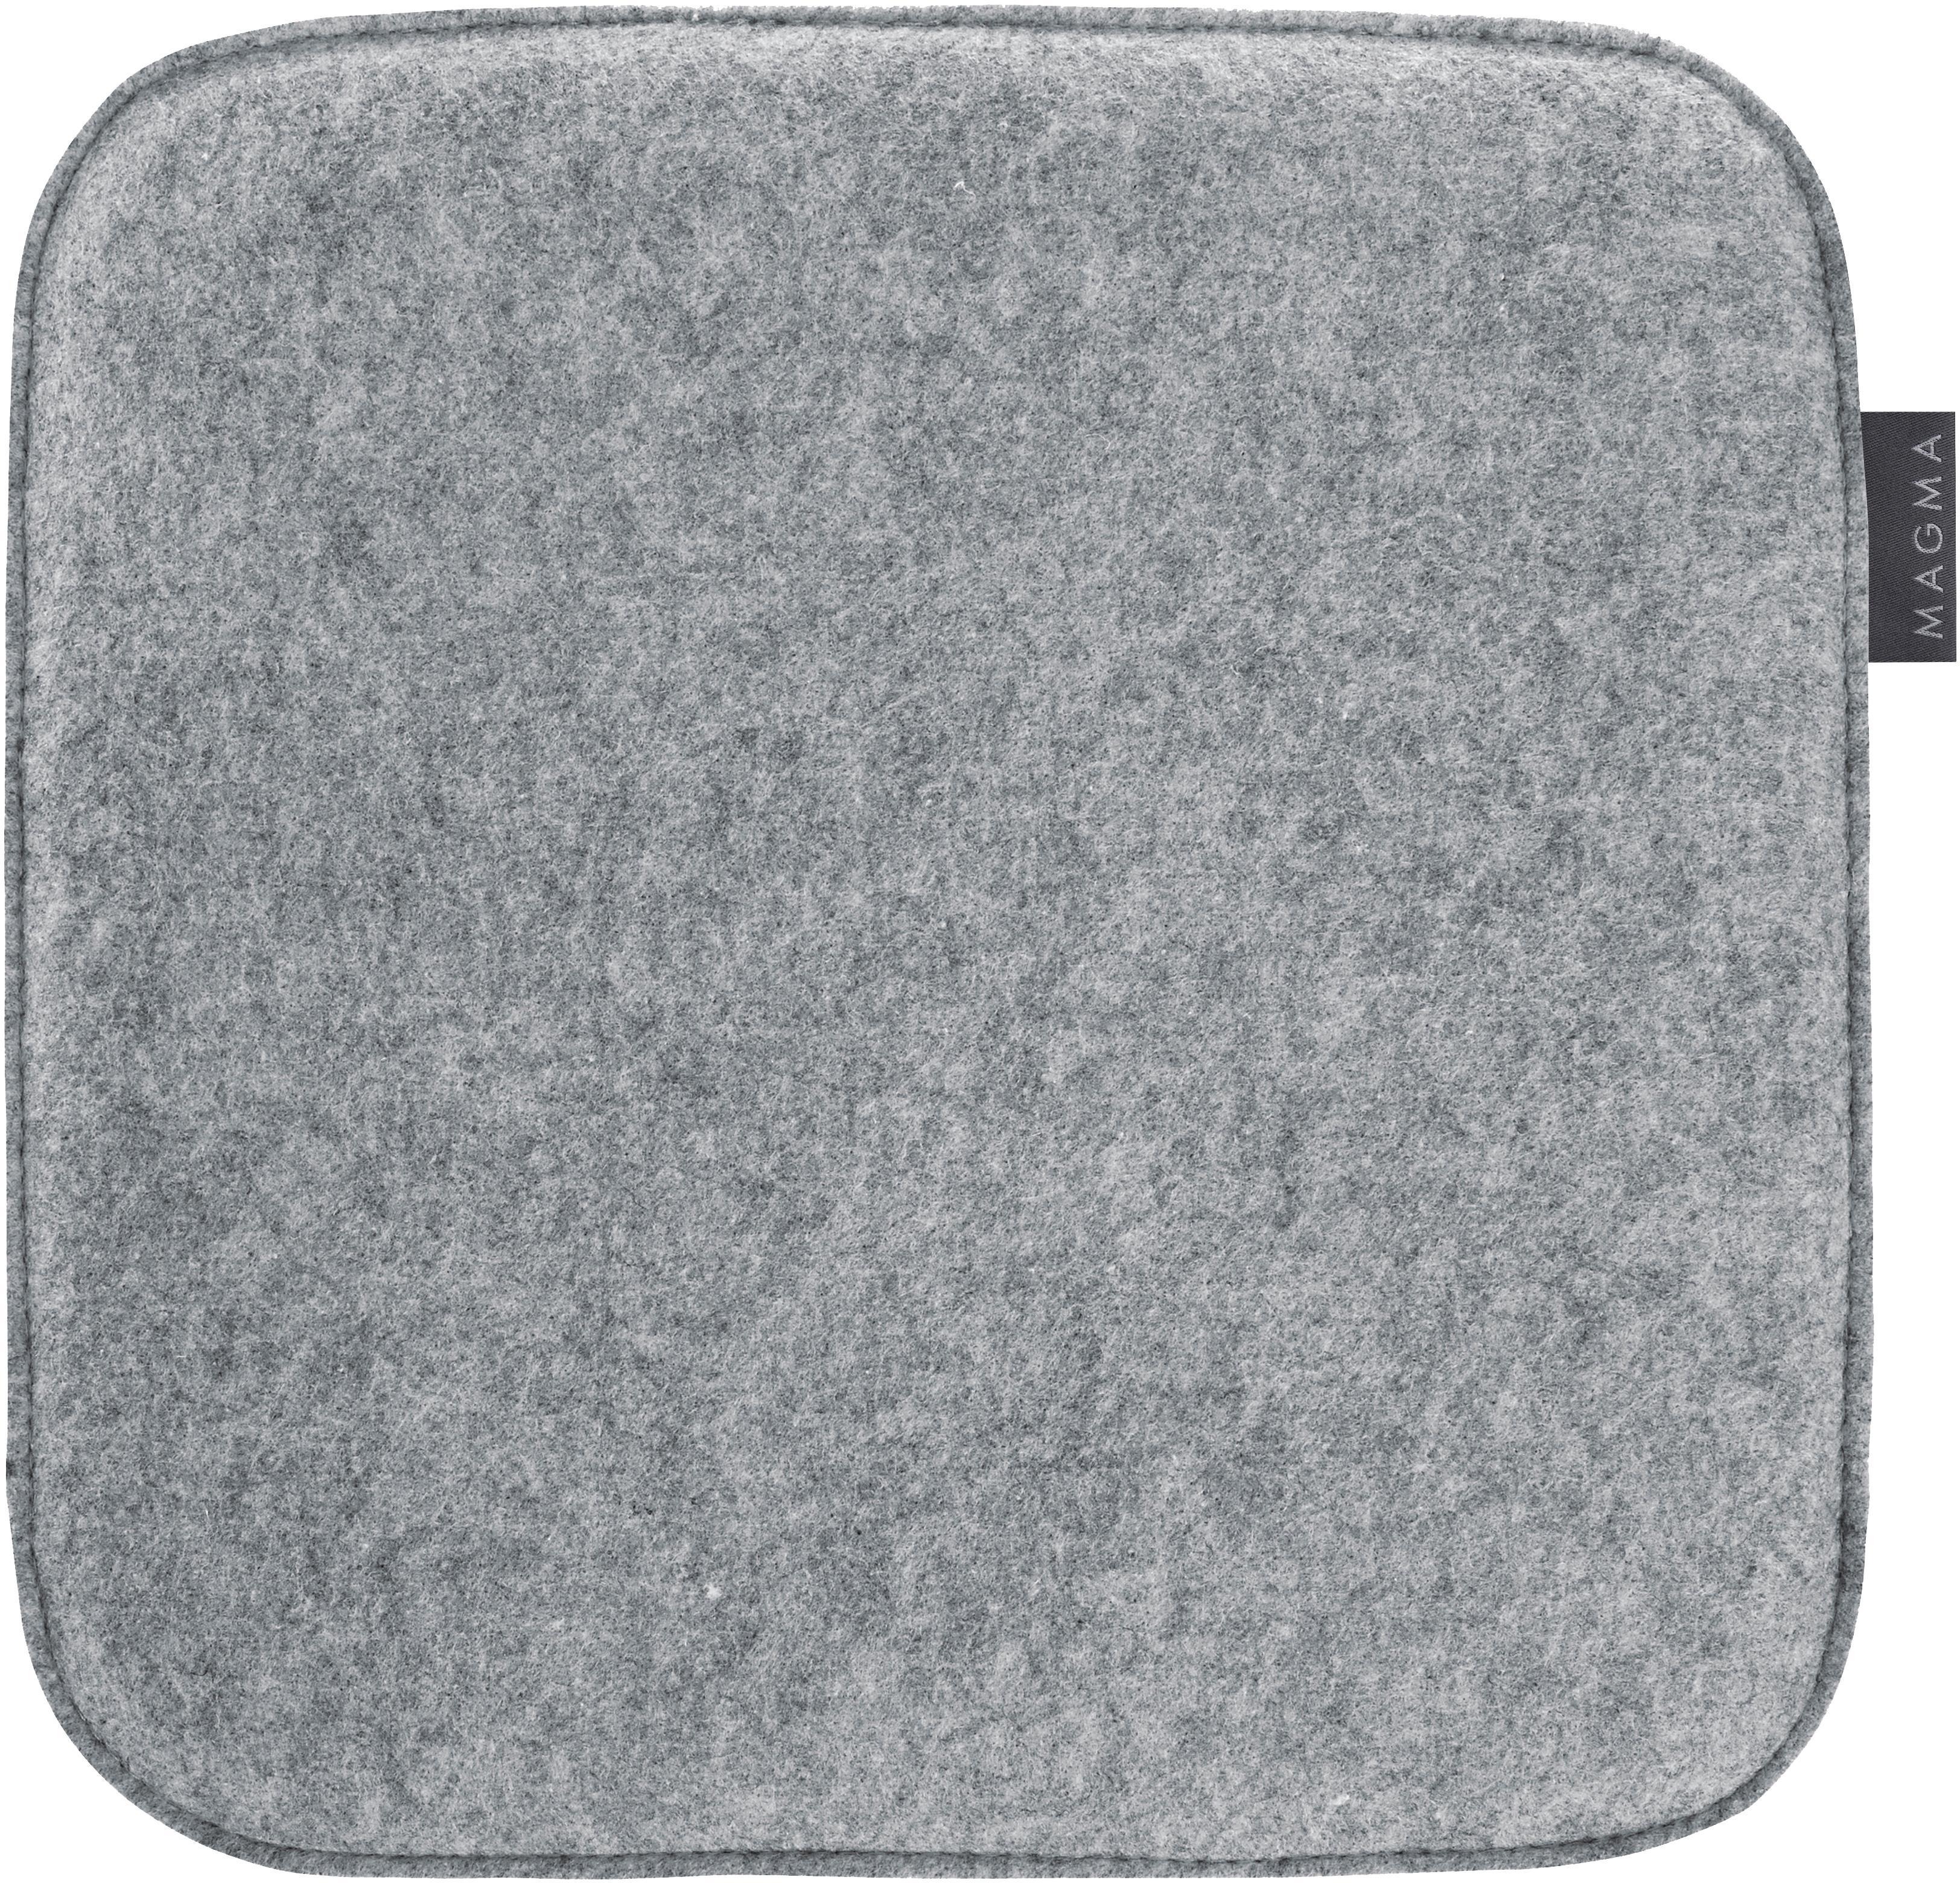 Cuscino sedia Avaro Square, 4 pz., Grigio, P 35 x L 35 cm